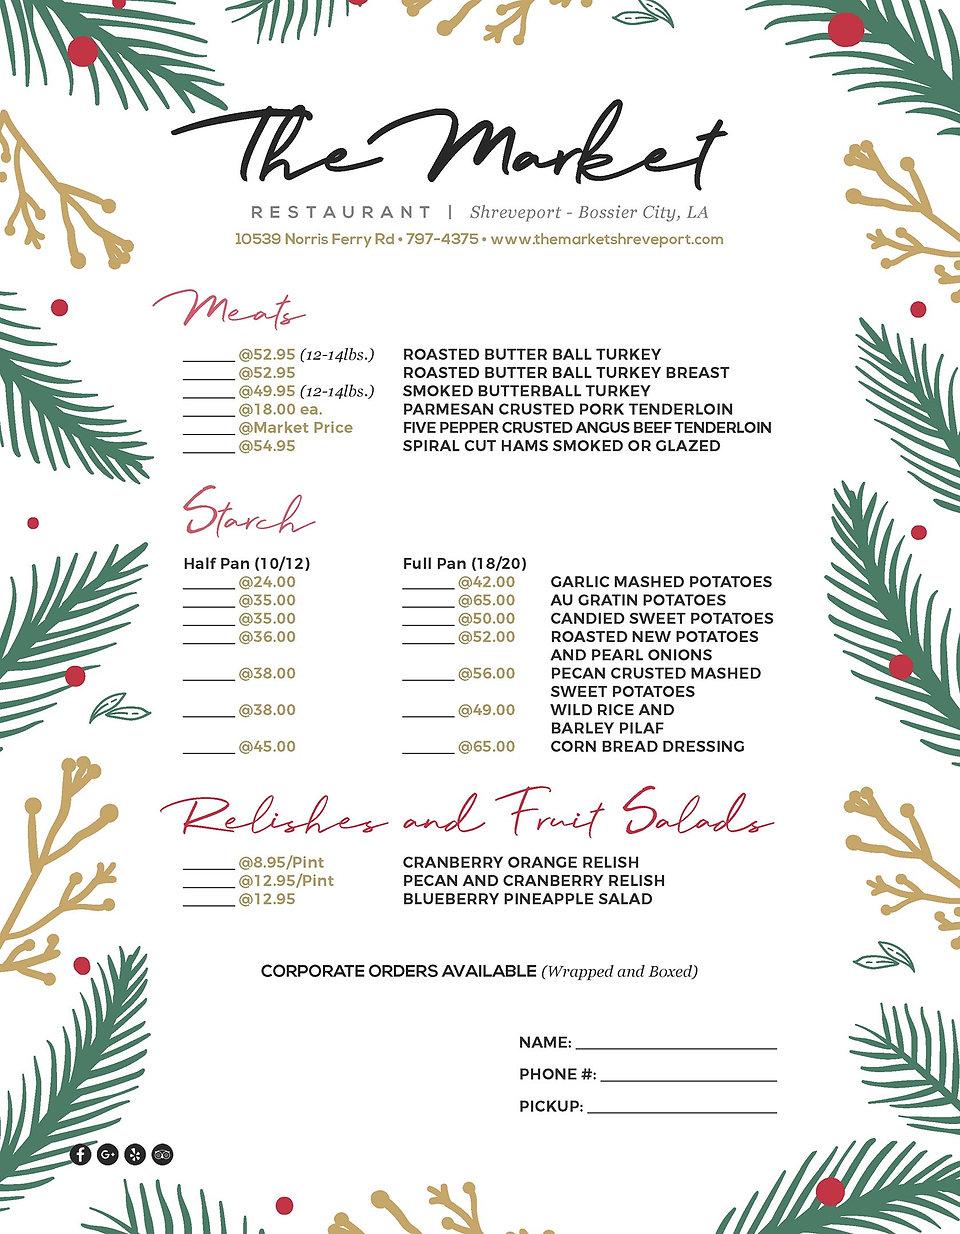 2020 Market Christmas Menu_Page_1.jpg